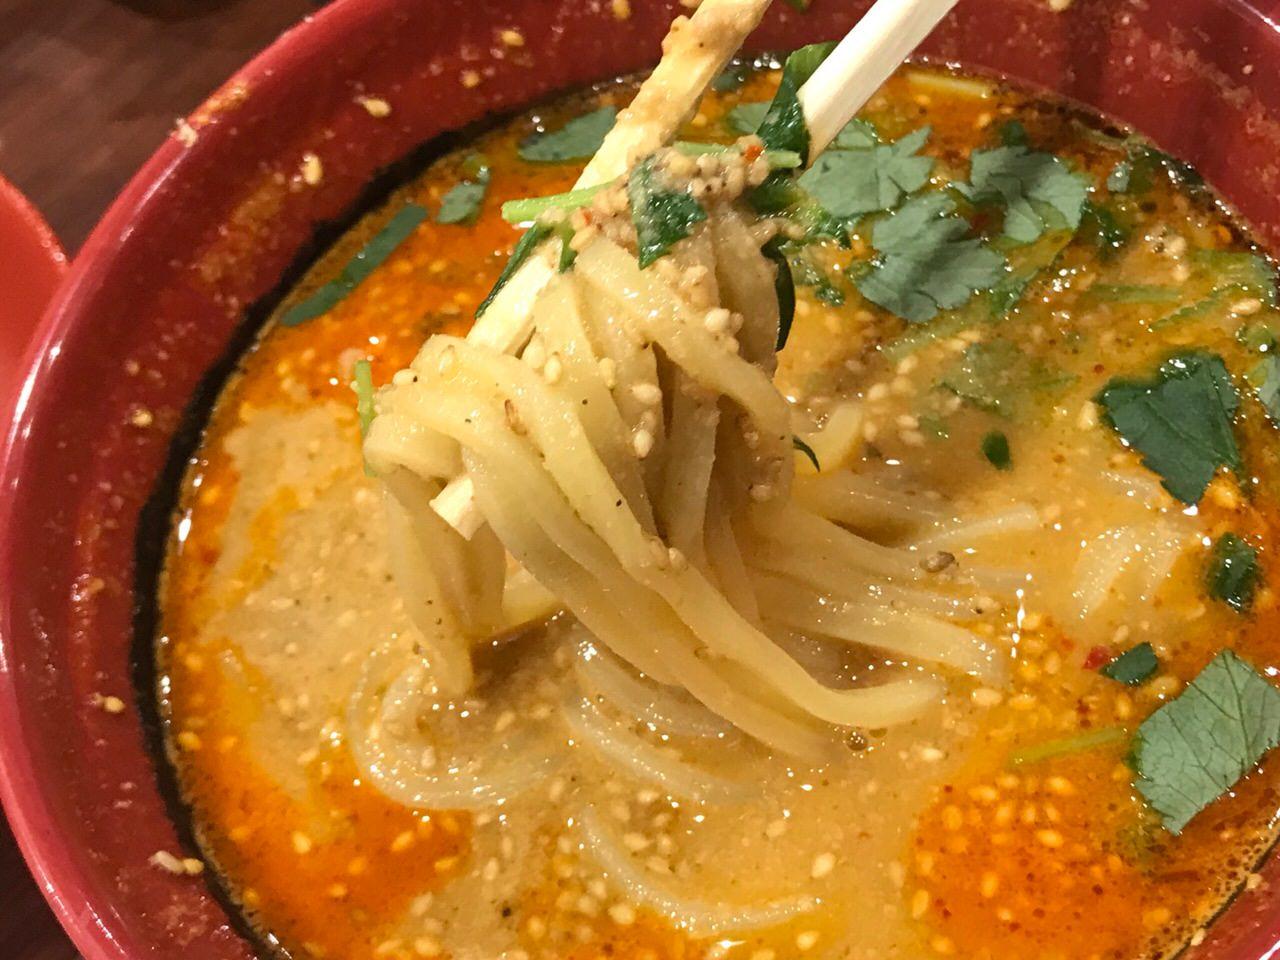 【けやき坂46】ラーメン大好き齊藤さん(アイドル)の教えに従い、くら寿司で「胡麻香る担々麺」を食べてきた。